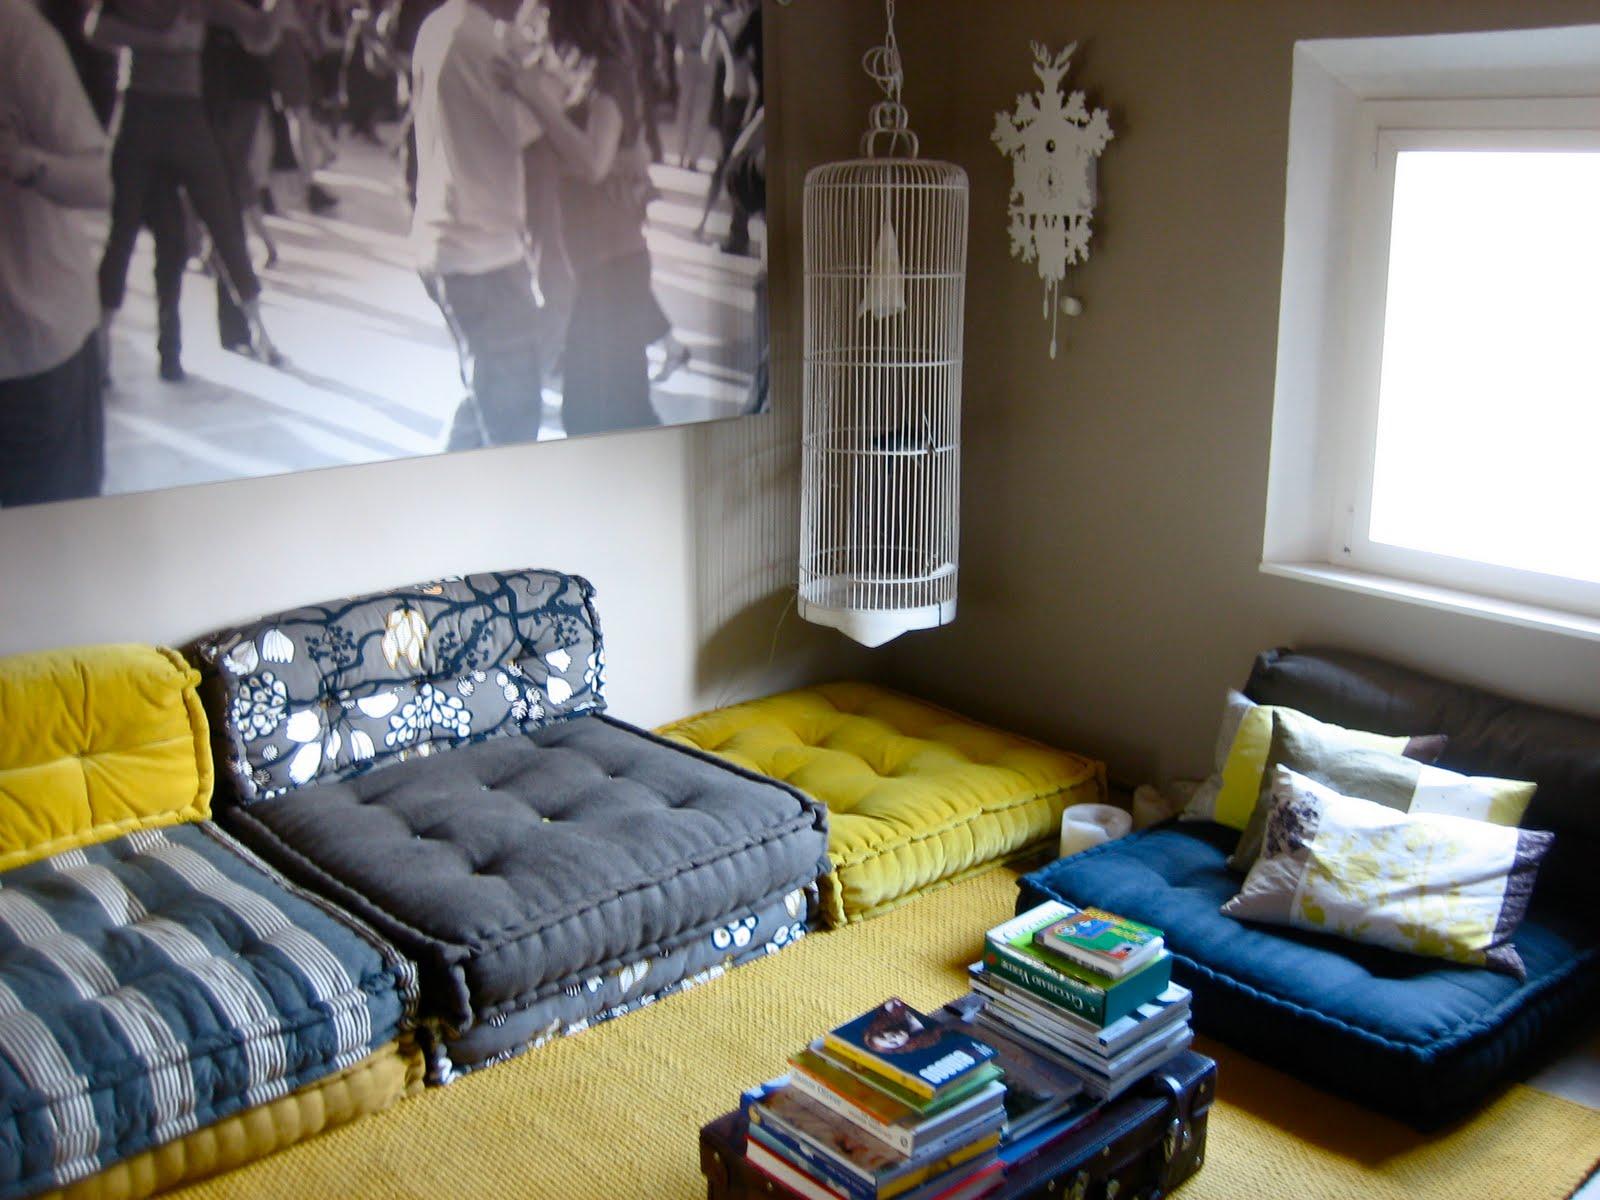 Cuscino Materasso Ikea.8 Suggerimenti Per Realizzare Un Divano Divino Low Coast